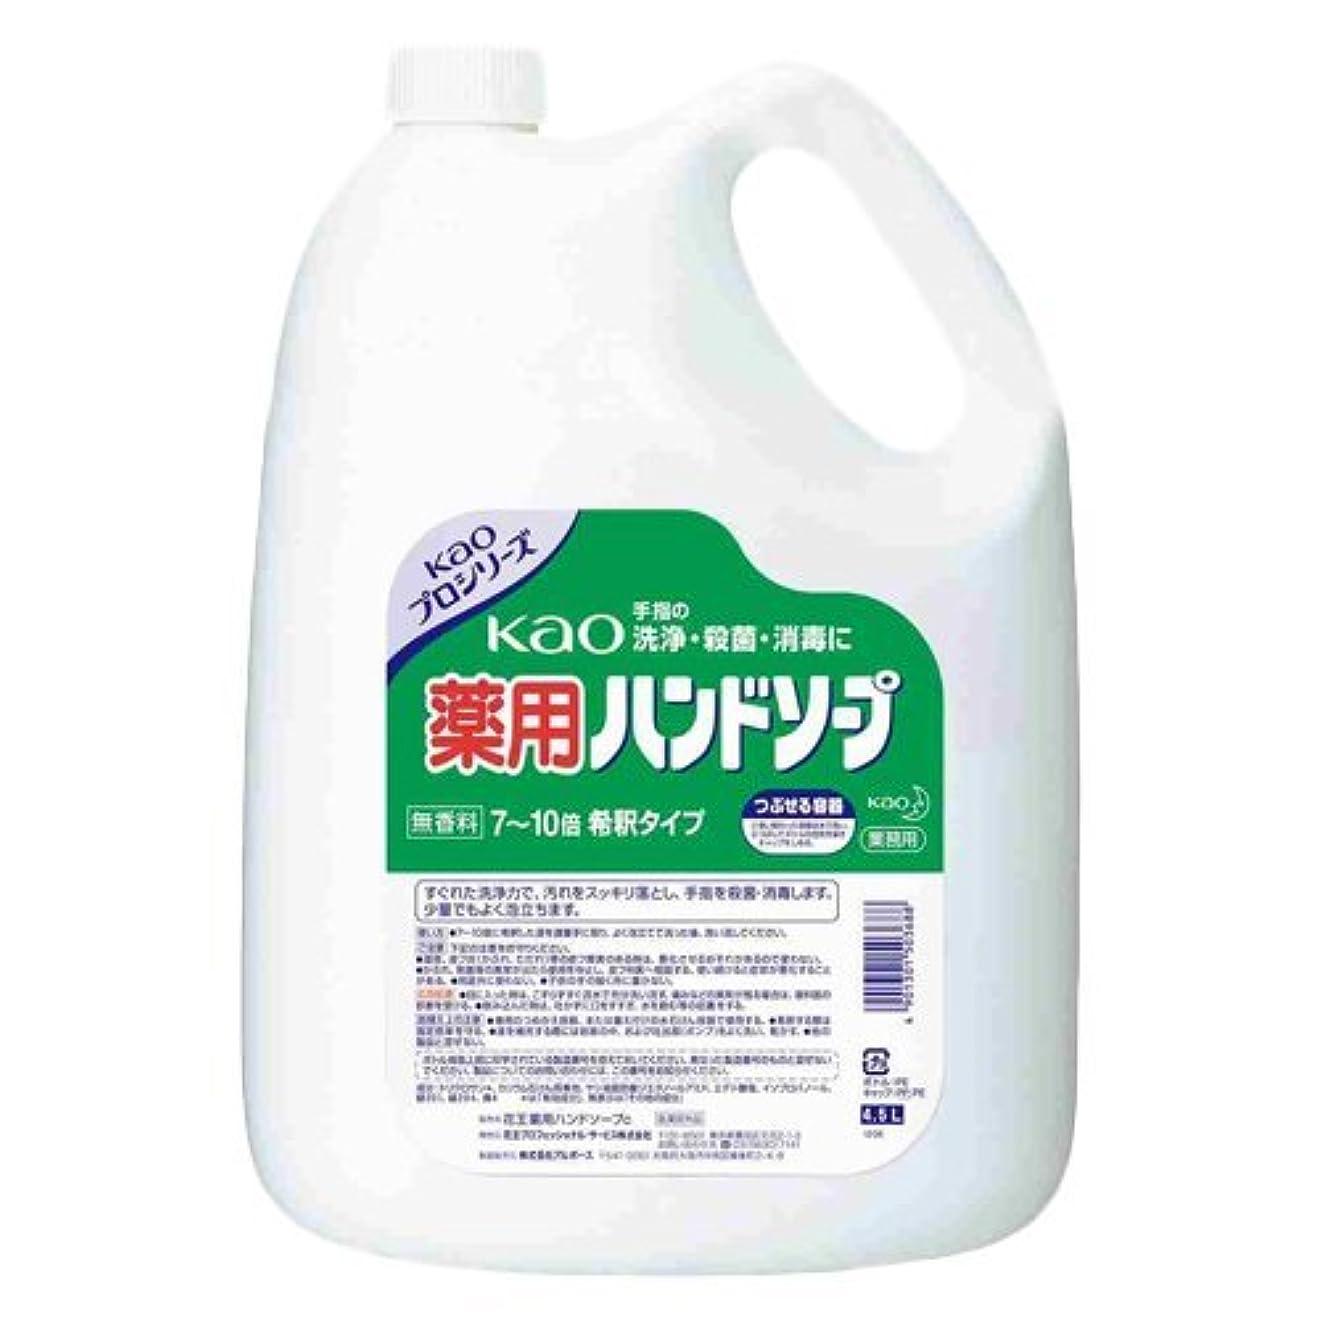 ガイドアシュリータファーマン浴室花王 薬用ハンドソープ 4.5L 梱販売用